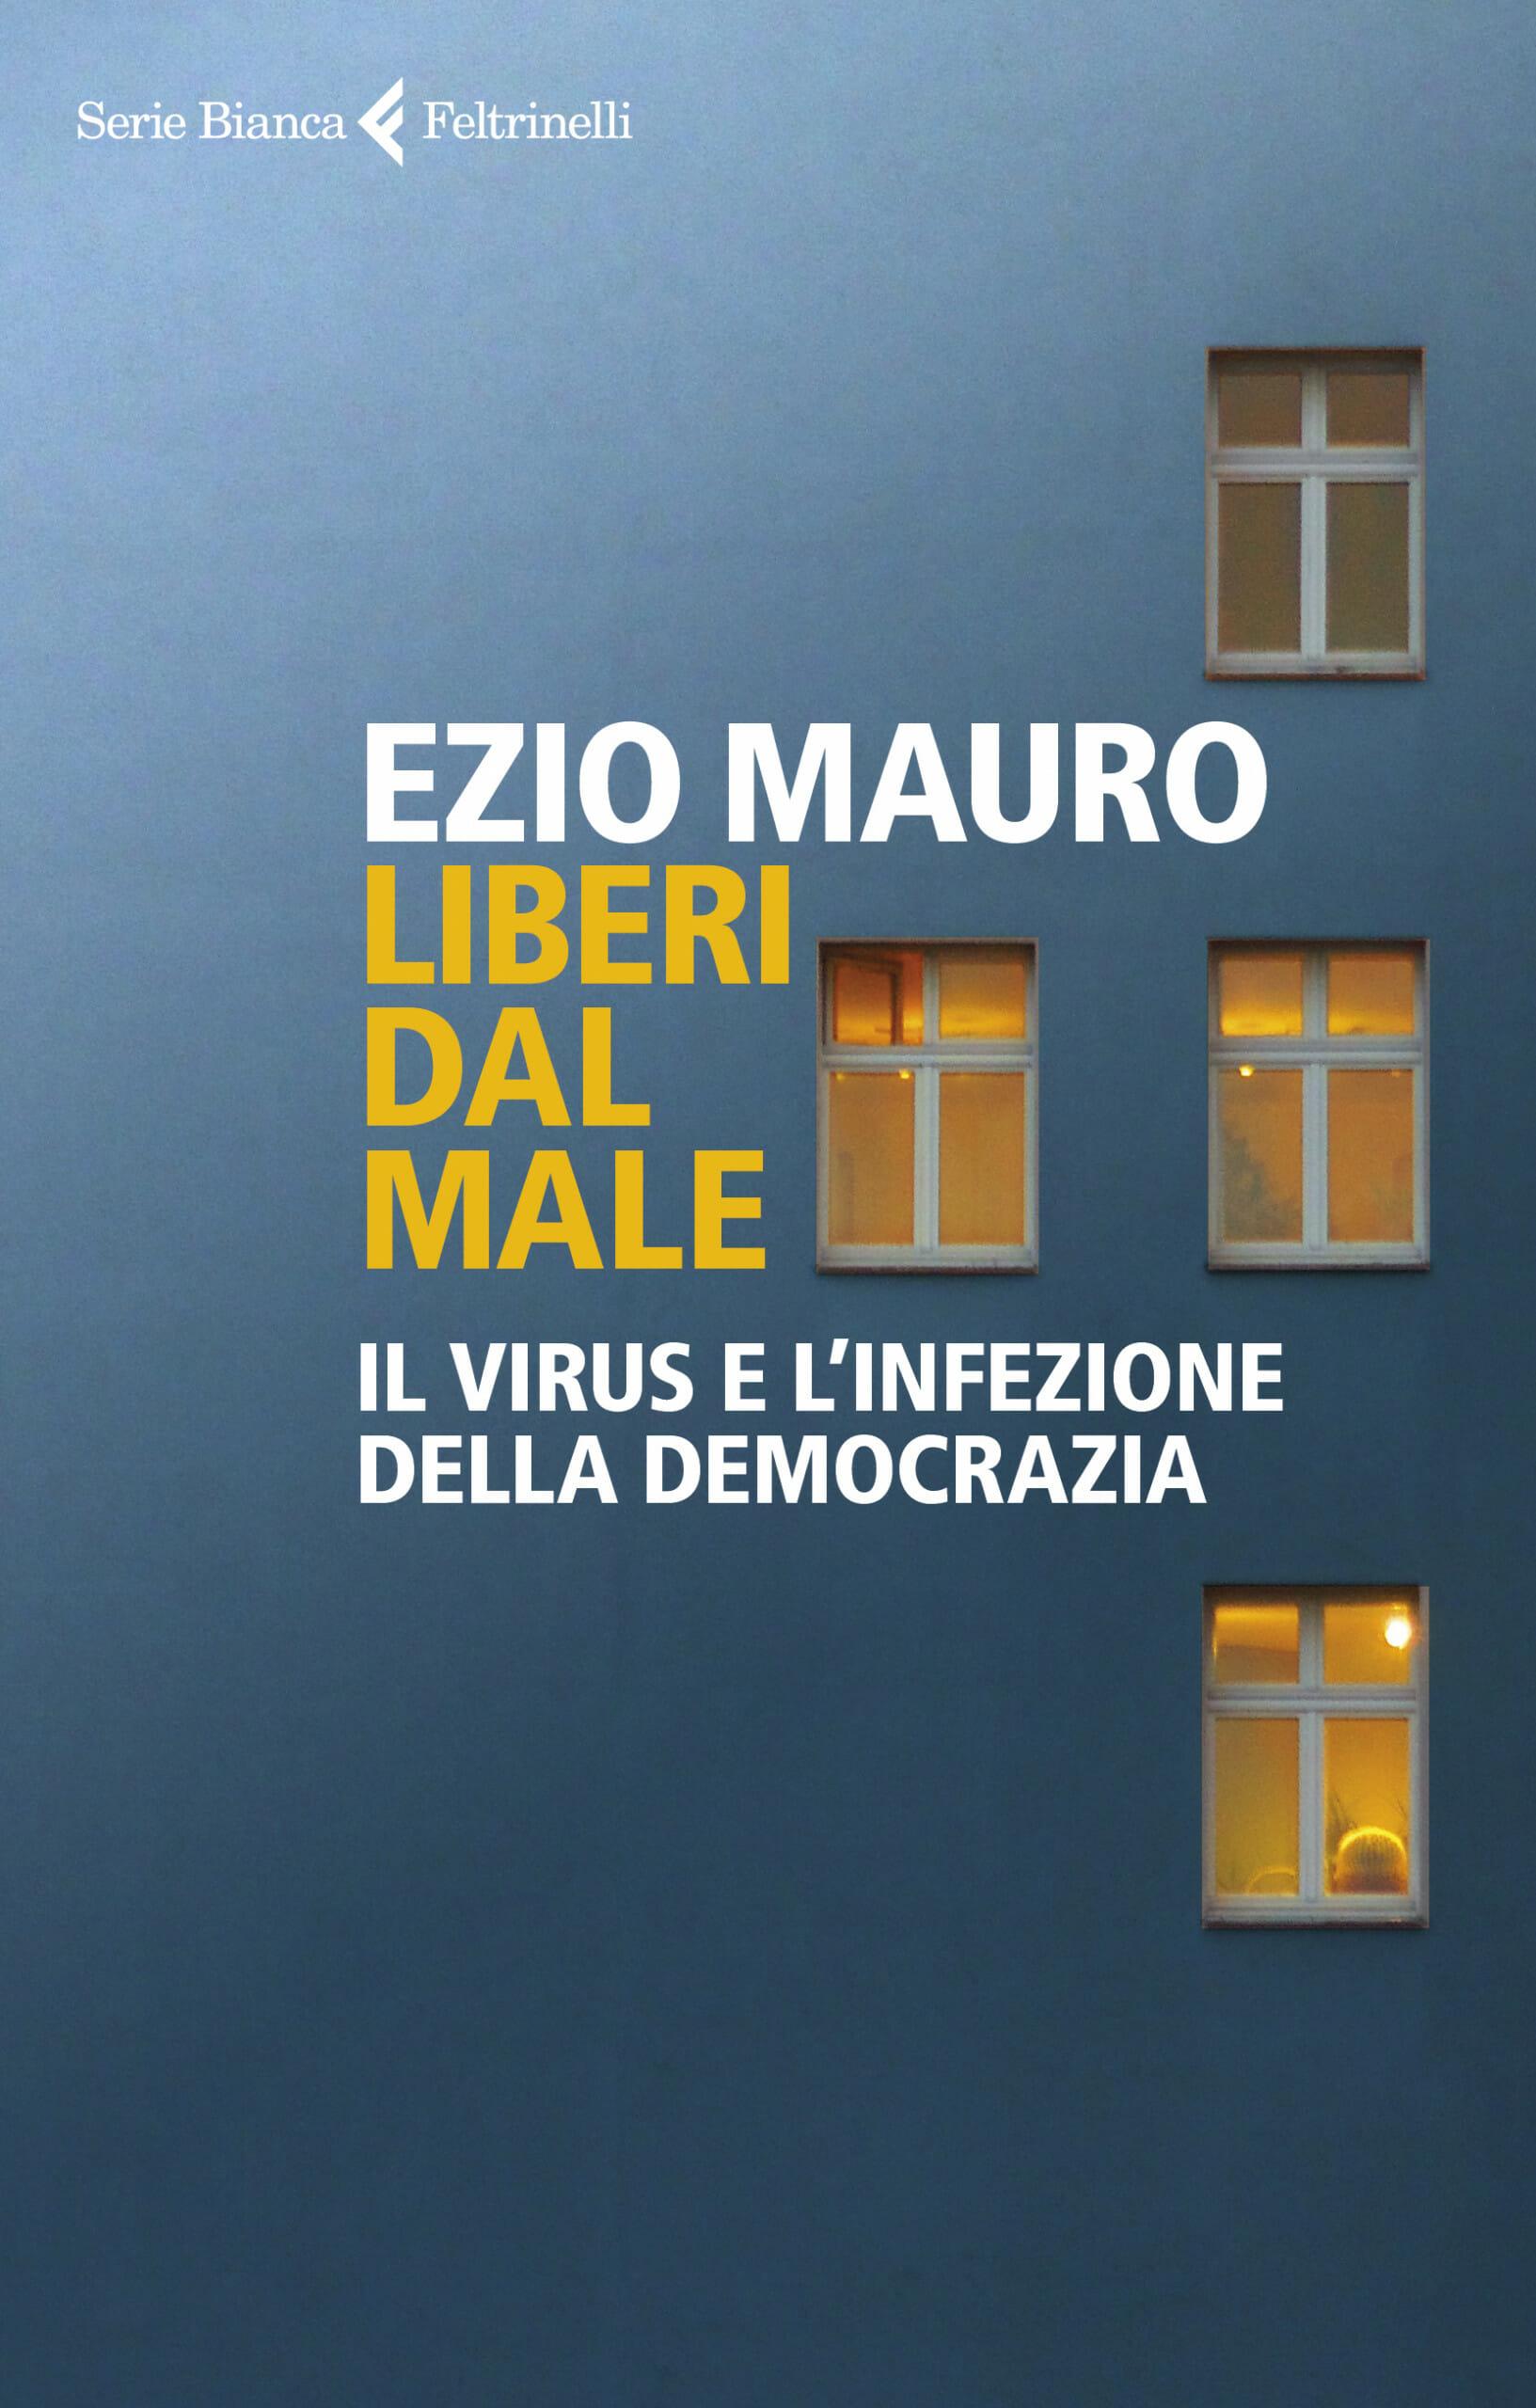 Ezio Mauro Liberi dal male